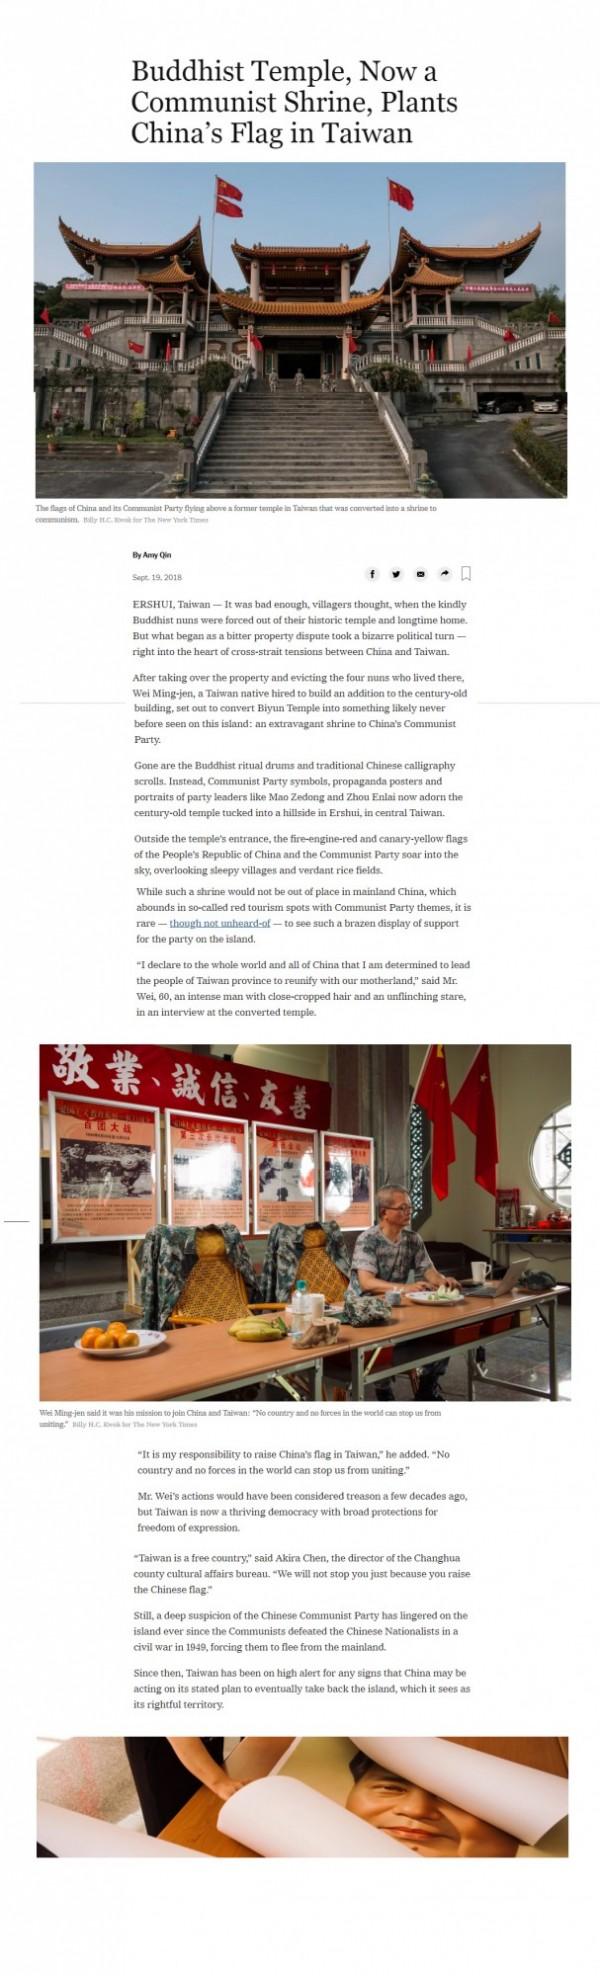 「紐約時報」報導「碧雲禪寺」做政治宣傳。(記者顏宏駿翻攝)